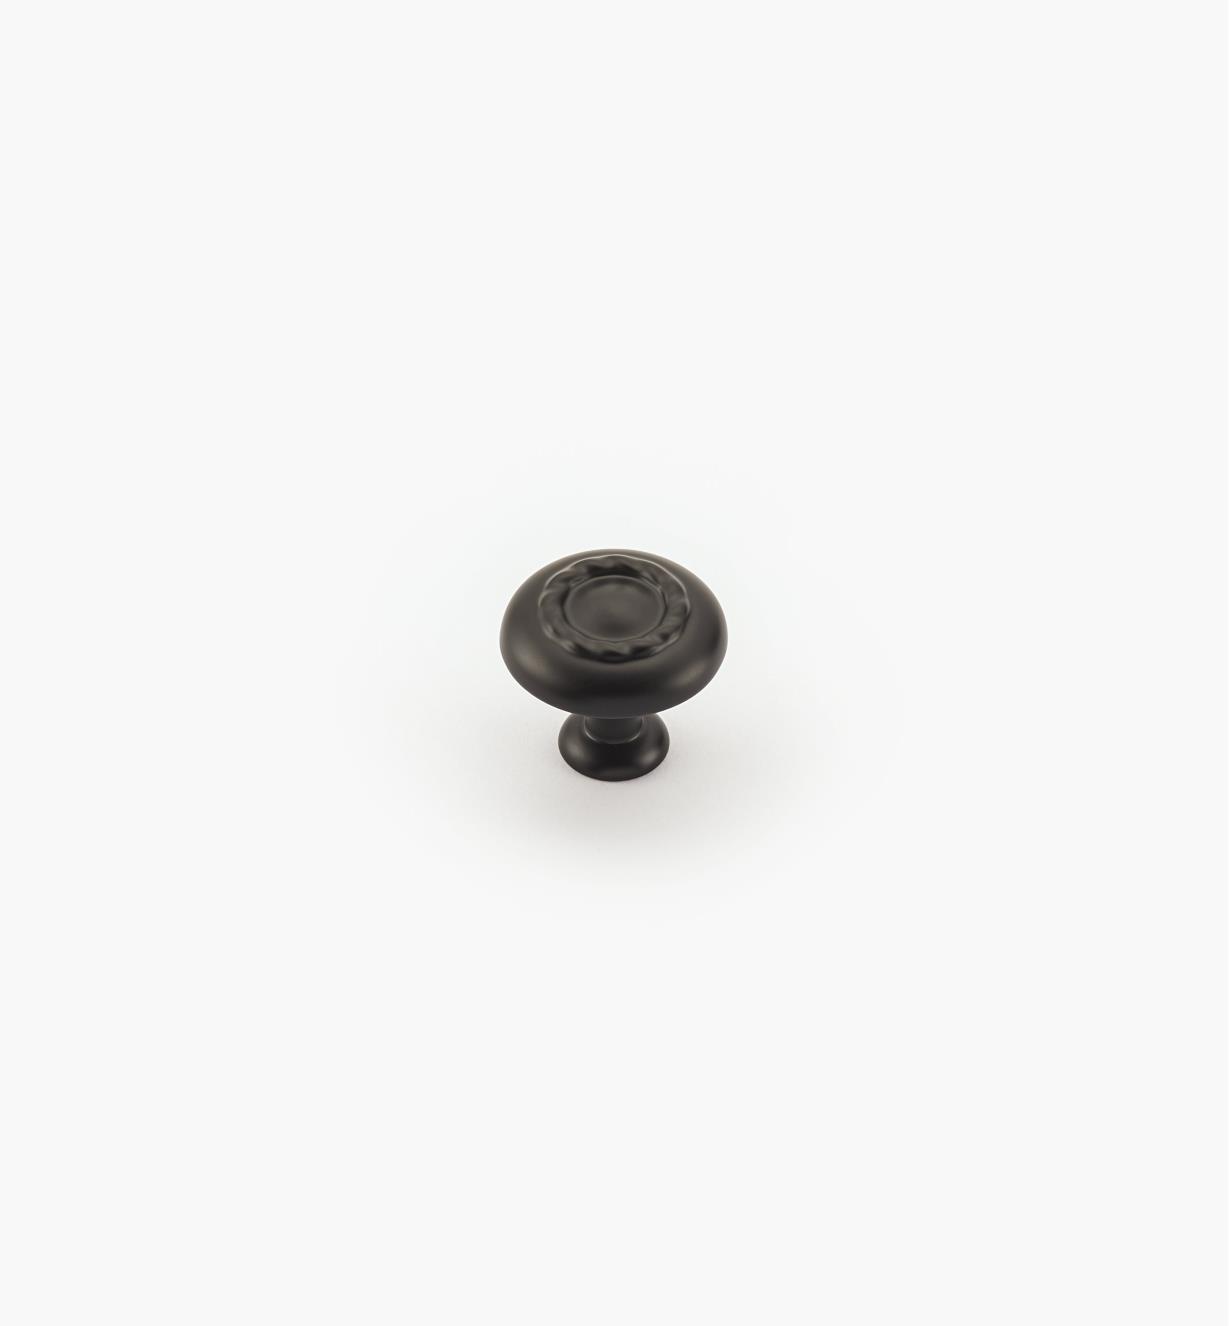 02A0804 - Bouton à motif cordé de 11/4po, série Inspirations, fini noir mat